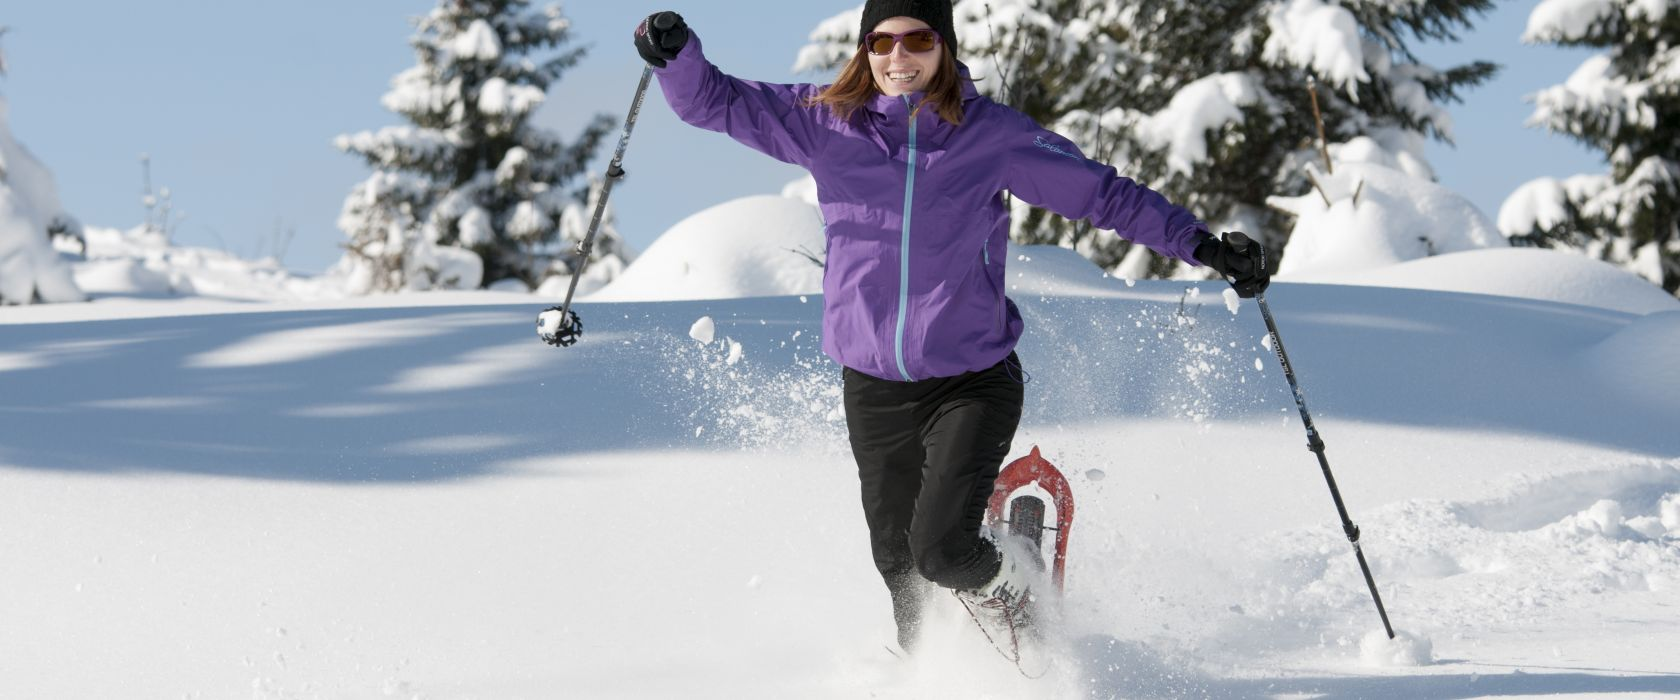 ski-neige